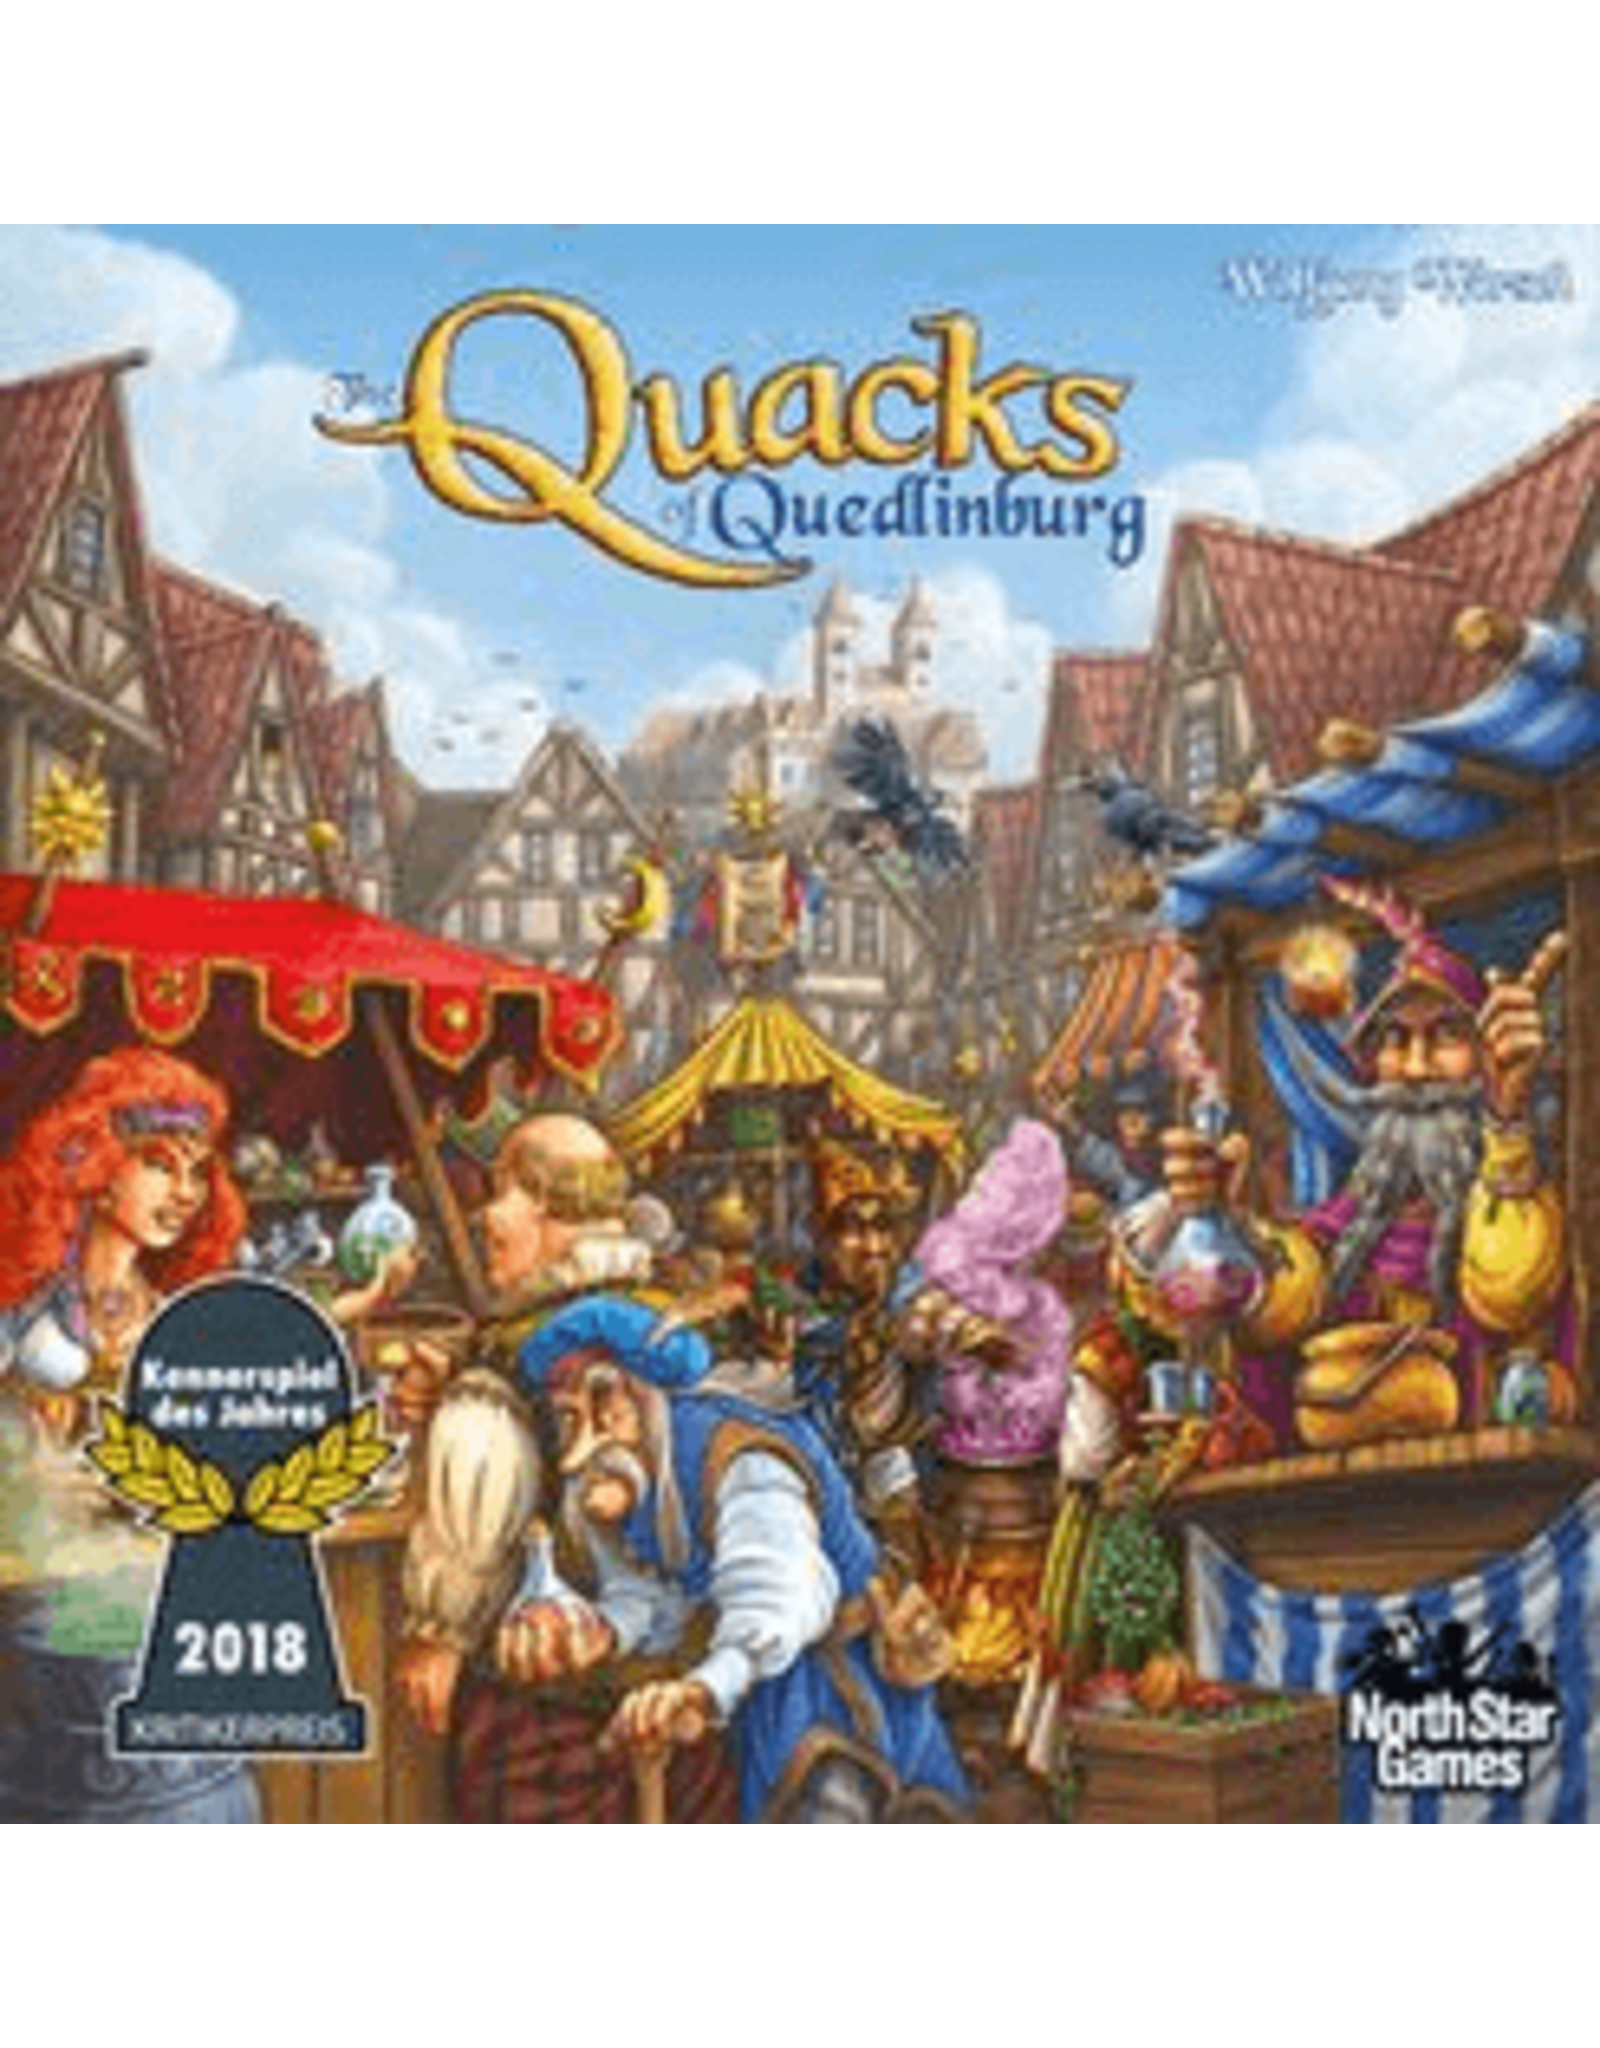 North Star Games Quacks of Quedlinburg